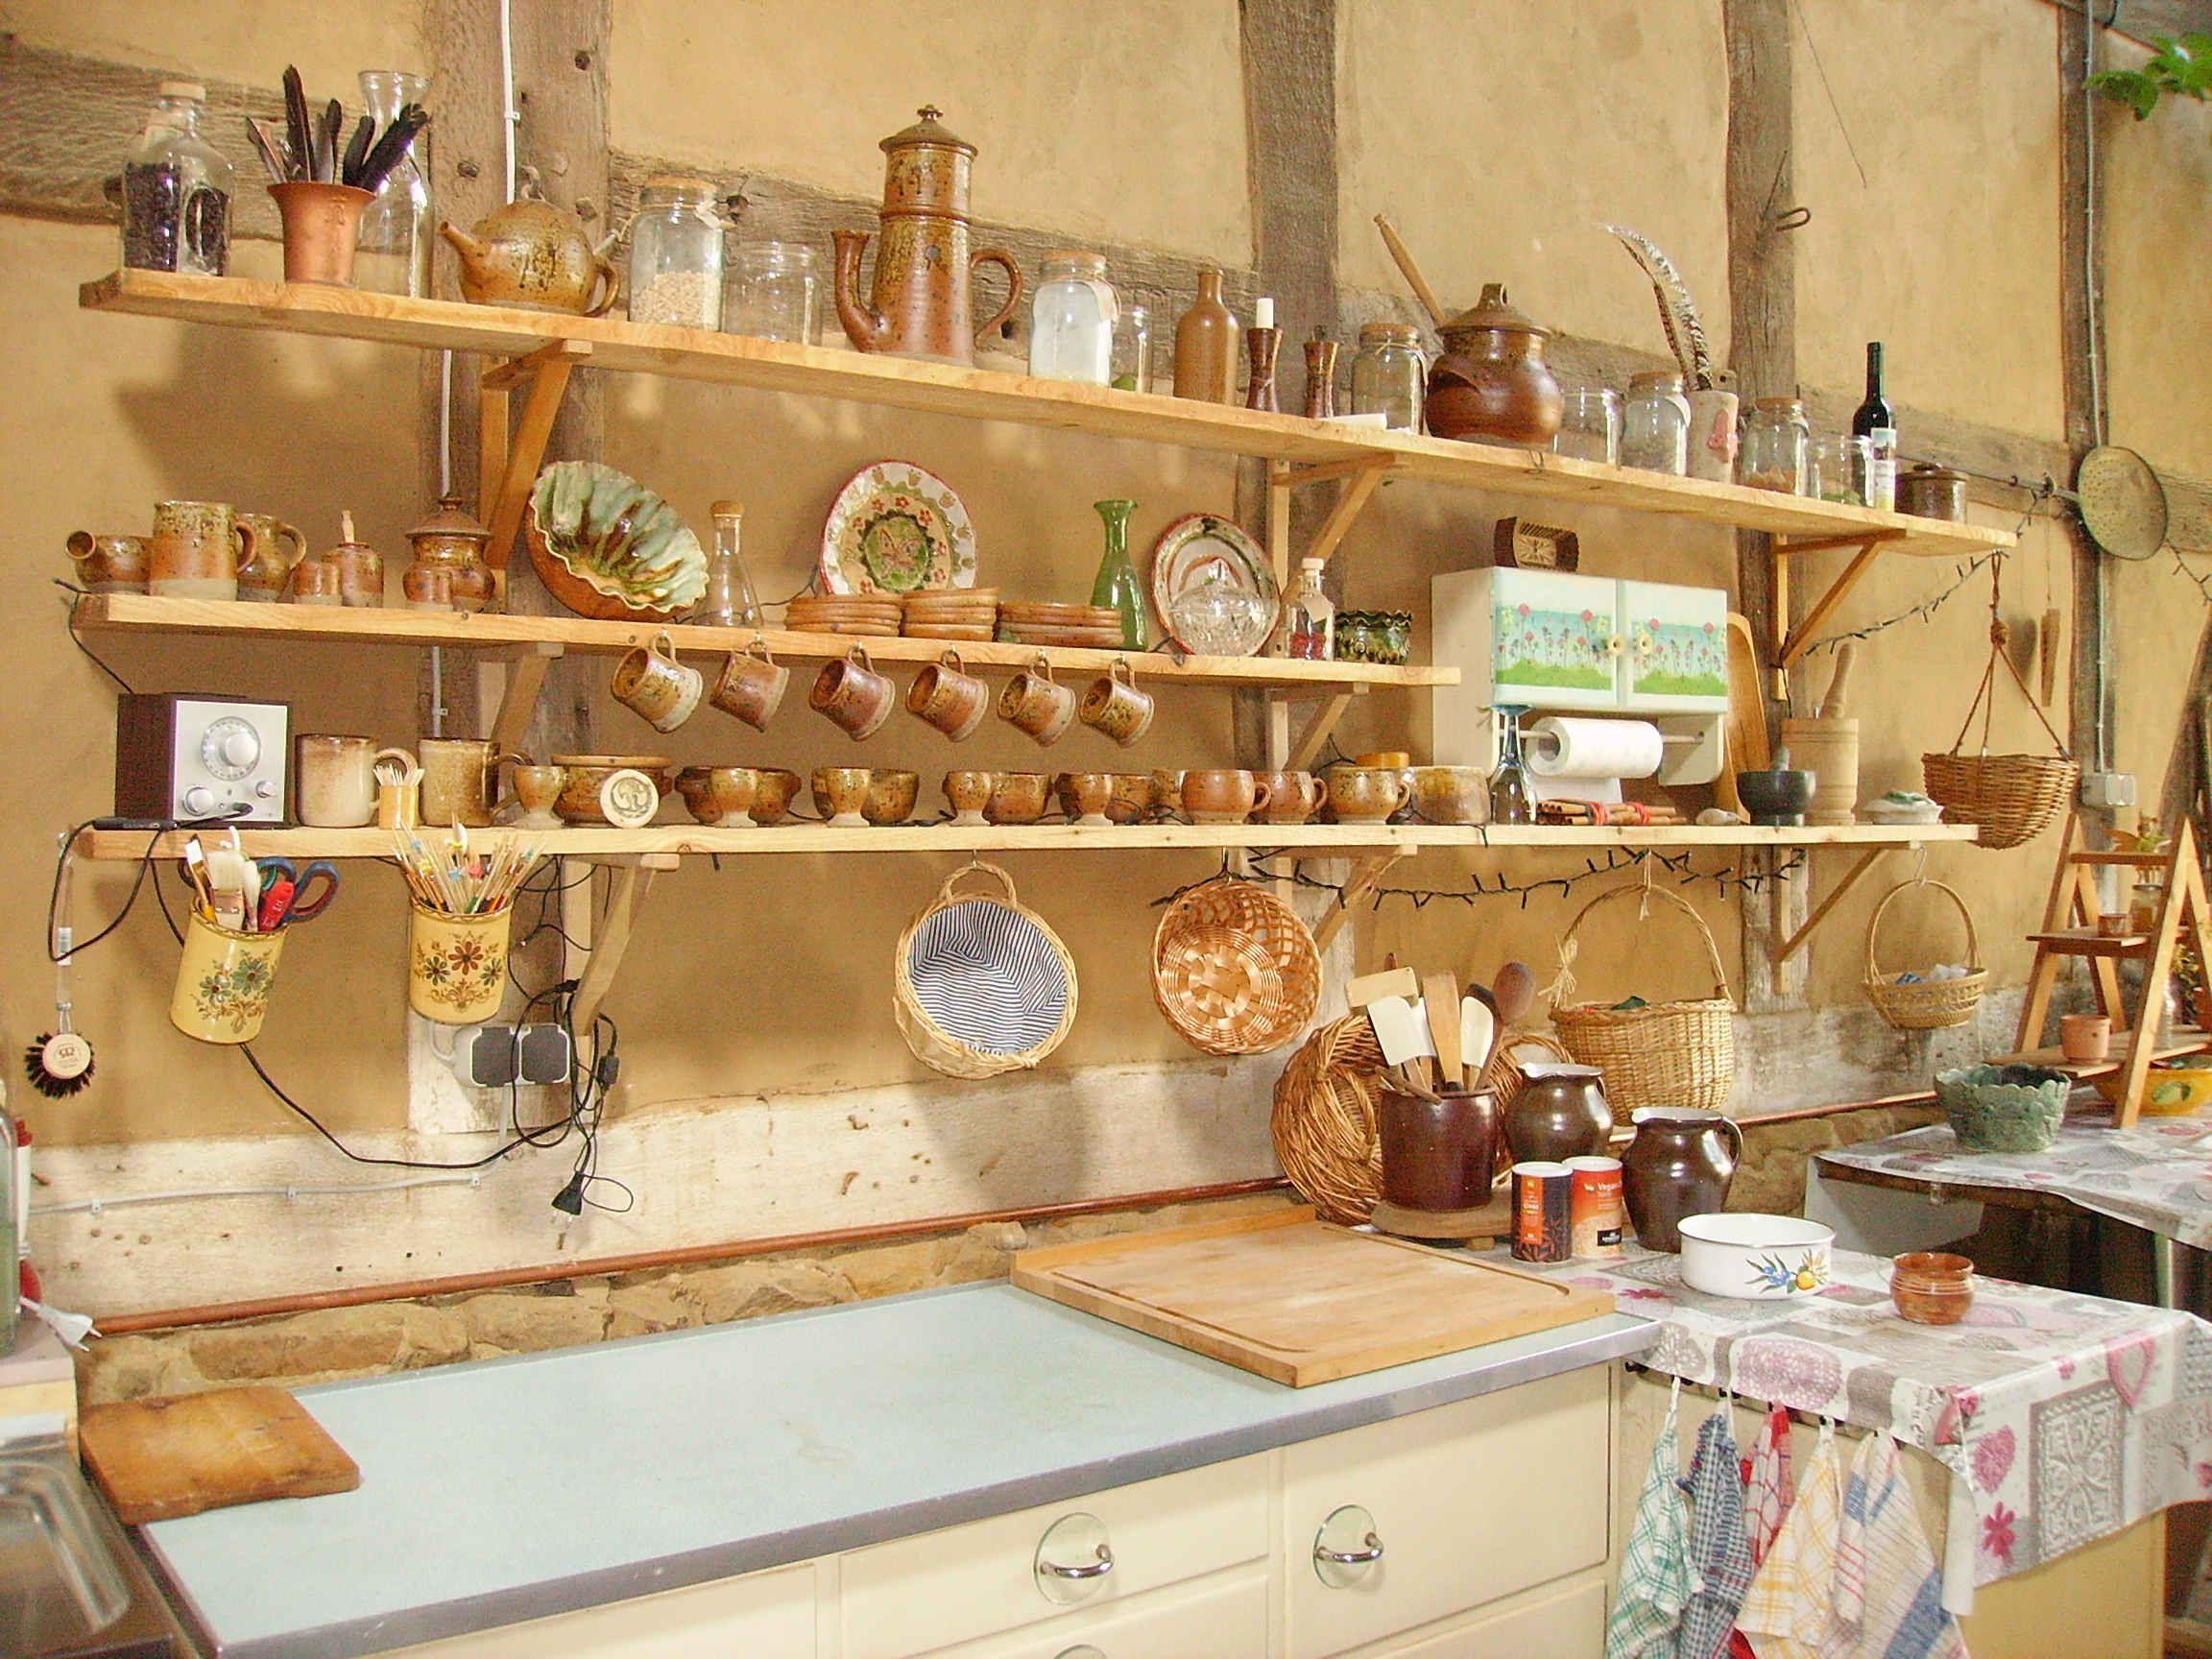 Sommerküche Schnell : Leichte sommerküche u gedünsteter lachs mit tomaten und oliven